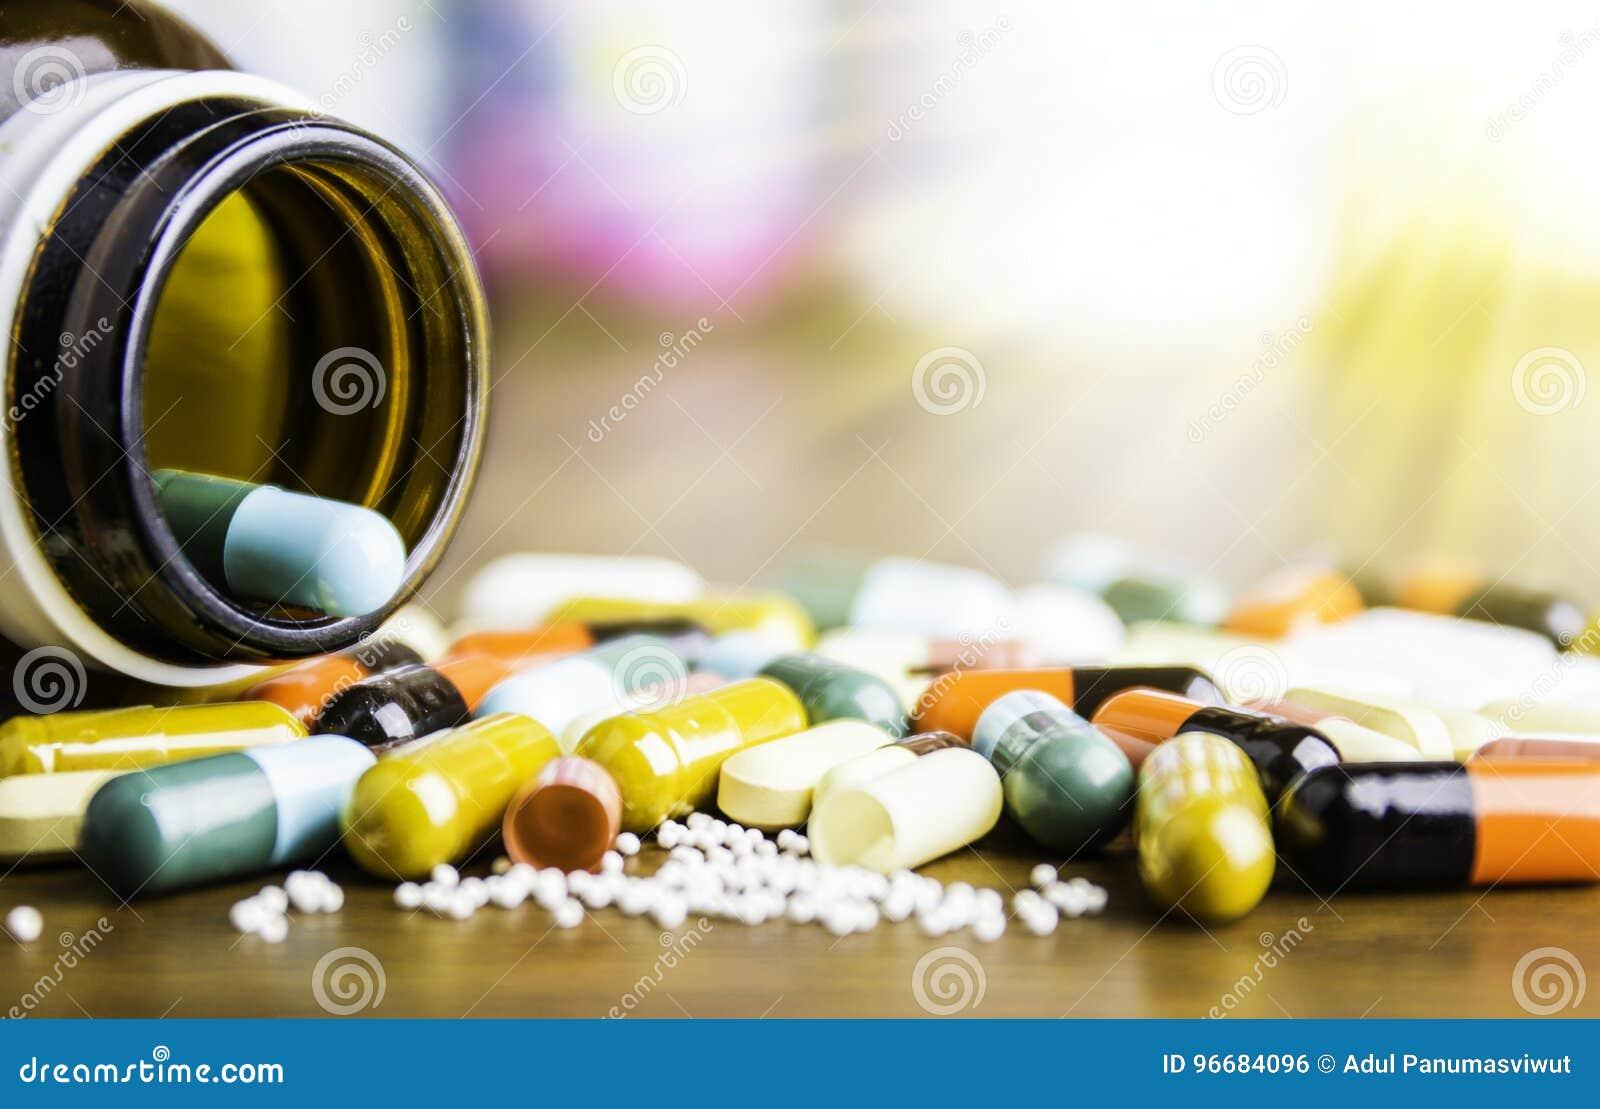 Medycyna lub kapsuły Lek recepta dla traktowania lekarstwa Farmaceutyczny medicament, lekarstwo w zbiorniku dla zdrowie Pharmac